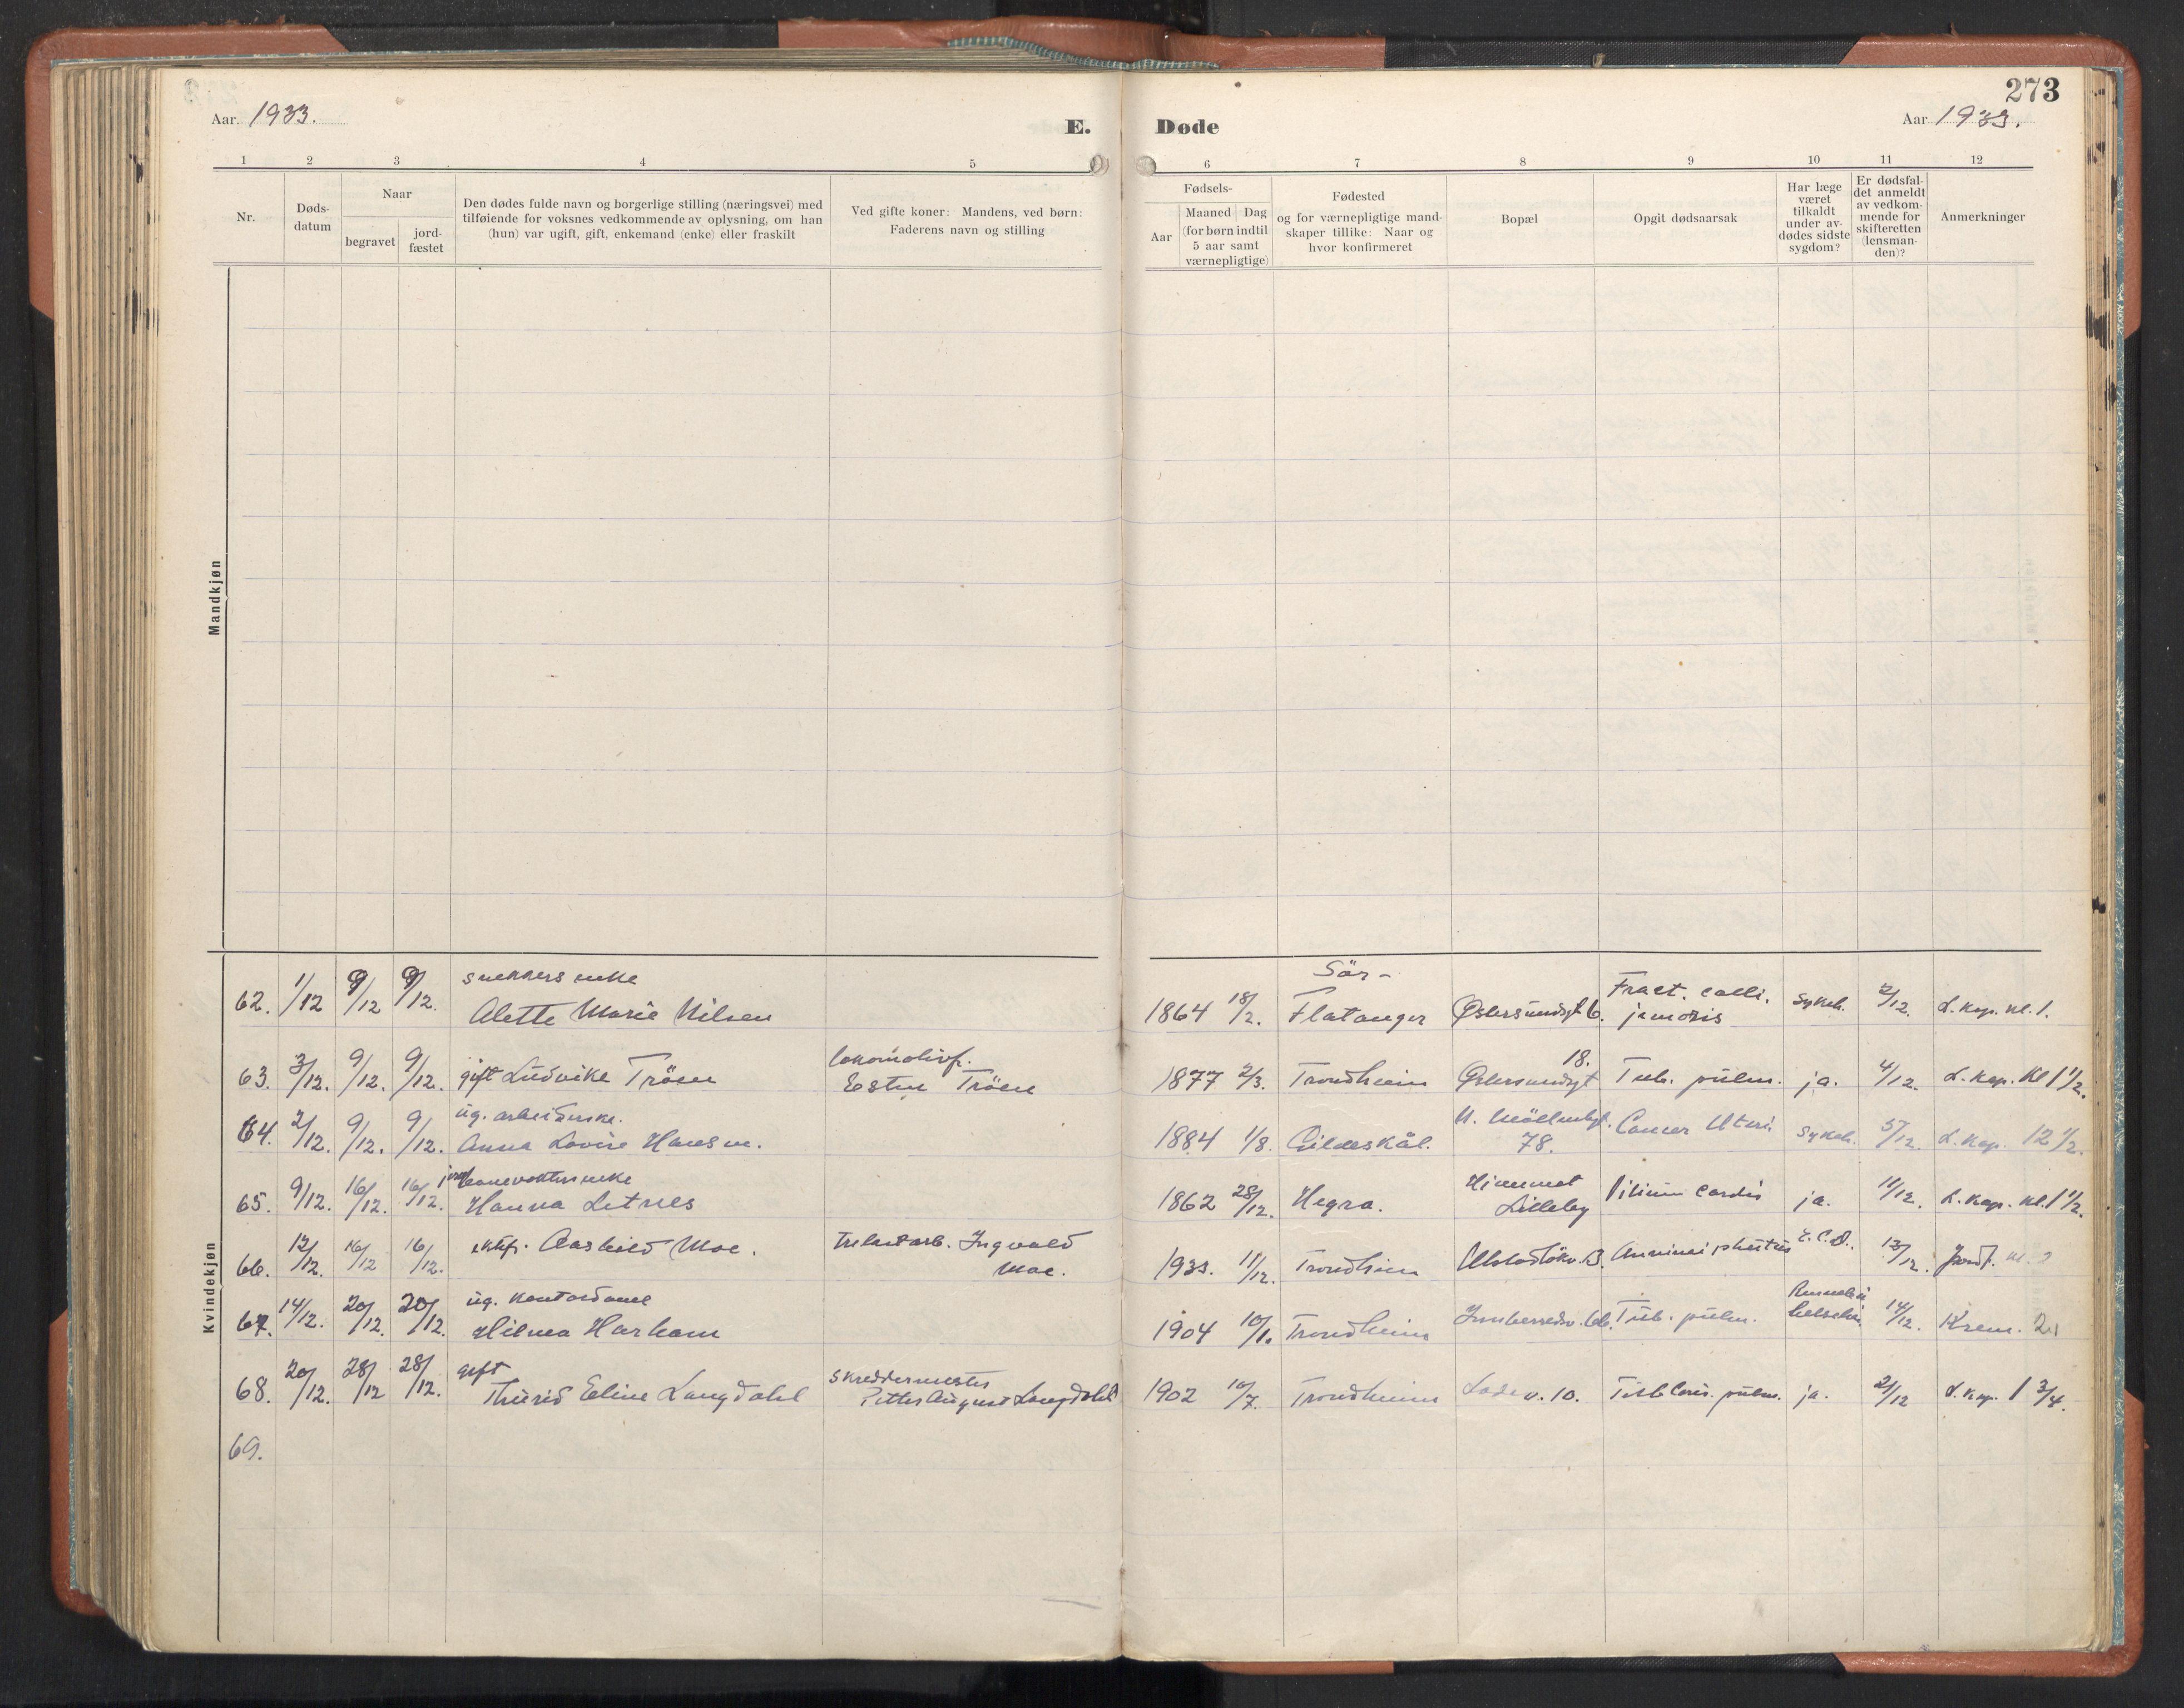 SAT, Ministerialprotokoller, klokkerbøker og fødselsregistre - Sør-Trøndelag, 605/L0245: Ministerialbok nr. 605A07, 1916-1938, s. 273